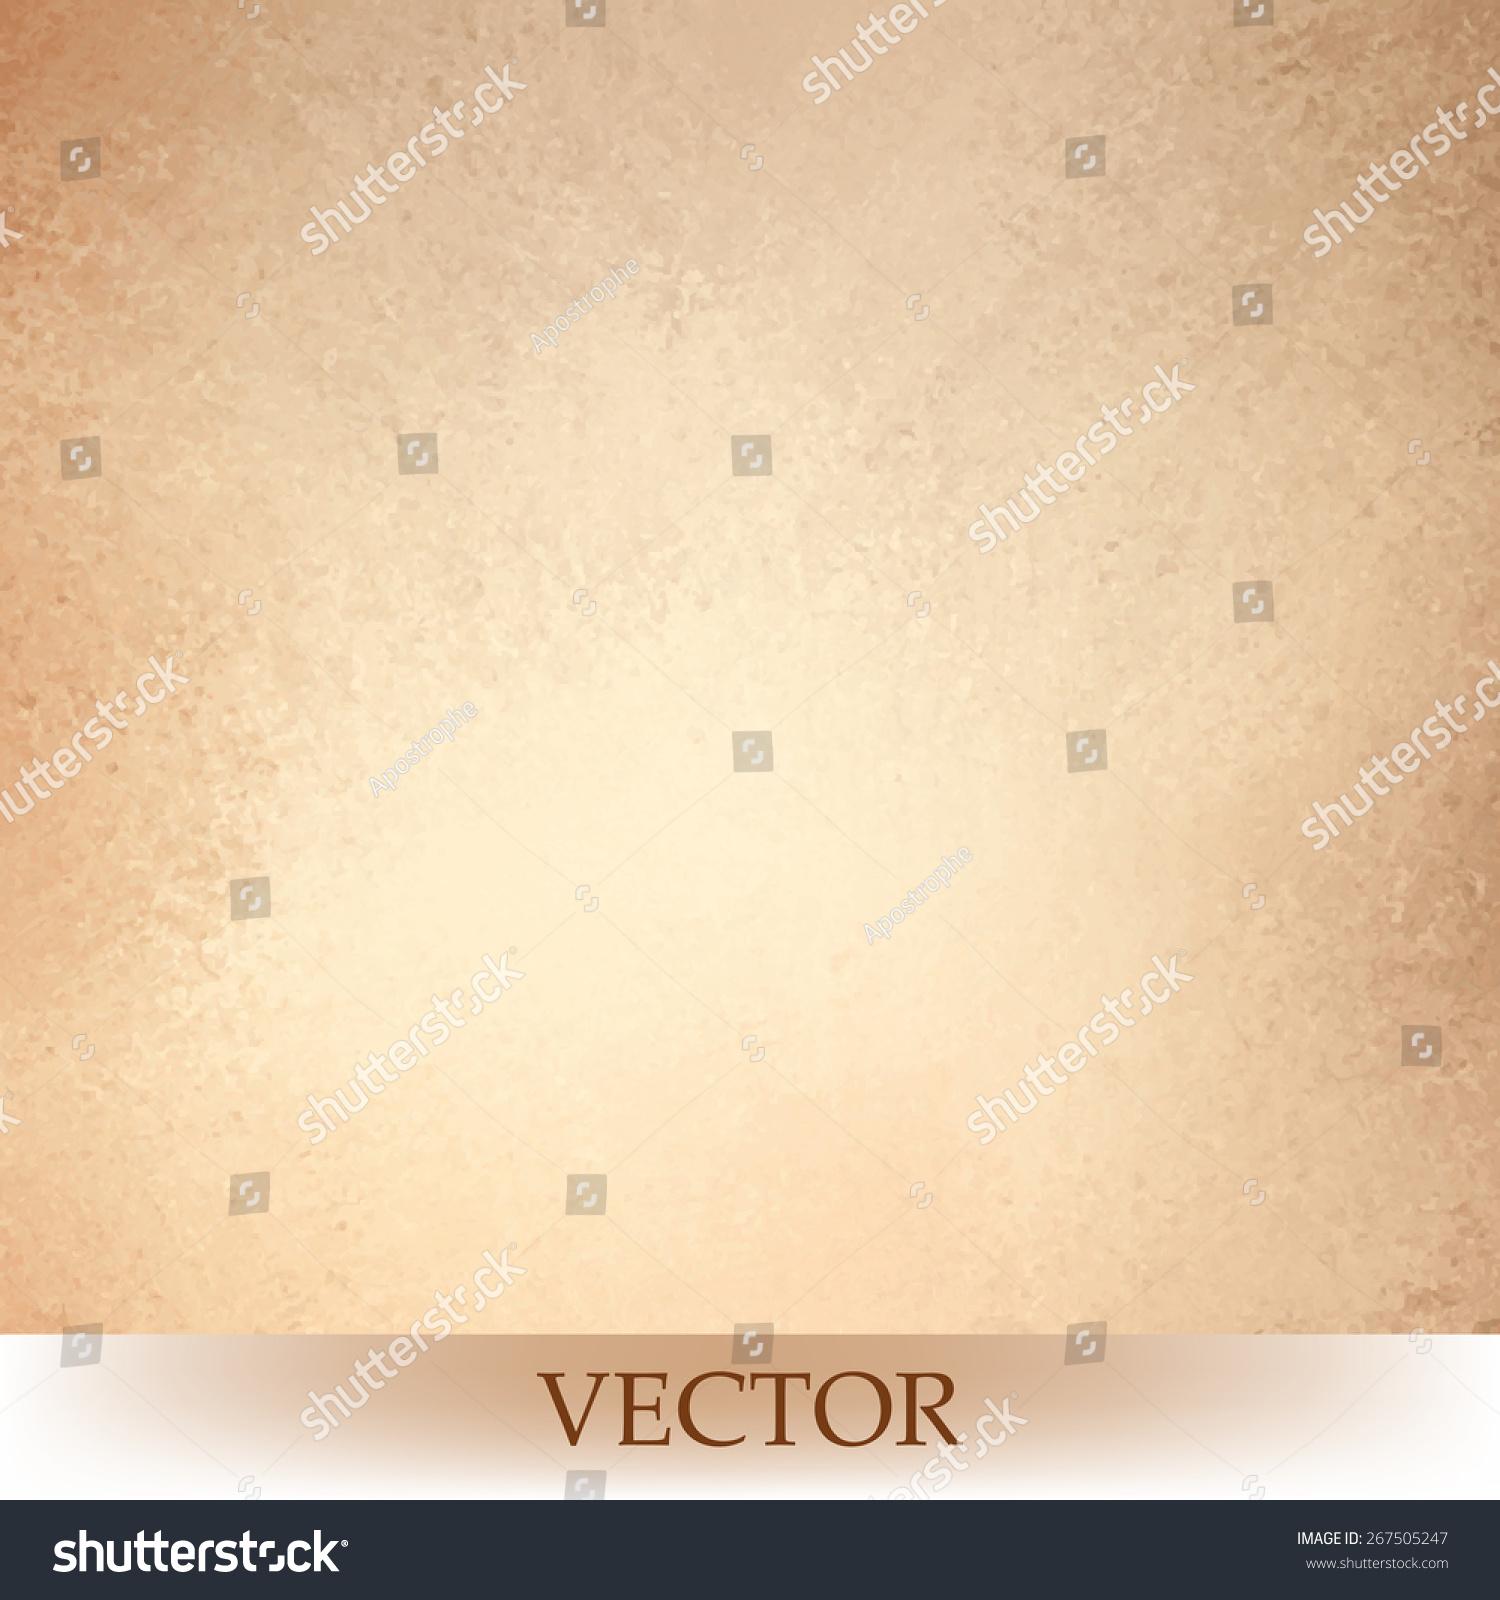 Brown Beige Background Vector Light Orange Or Tan Color Design Vintage Grunge Texture